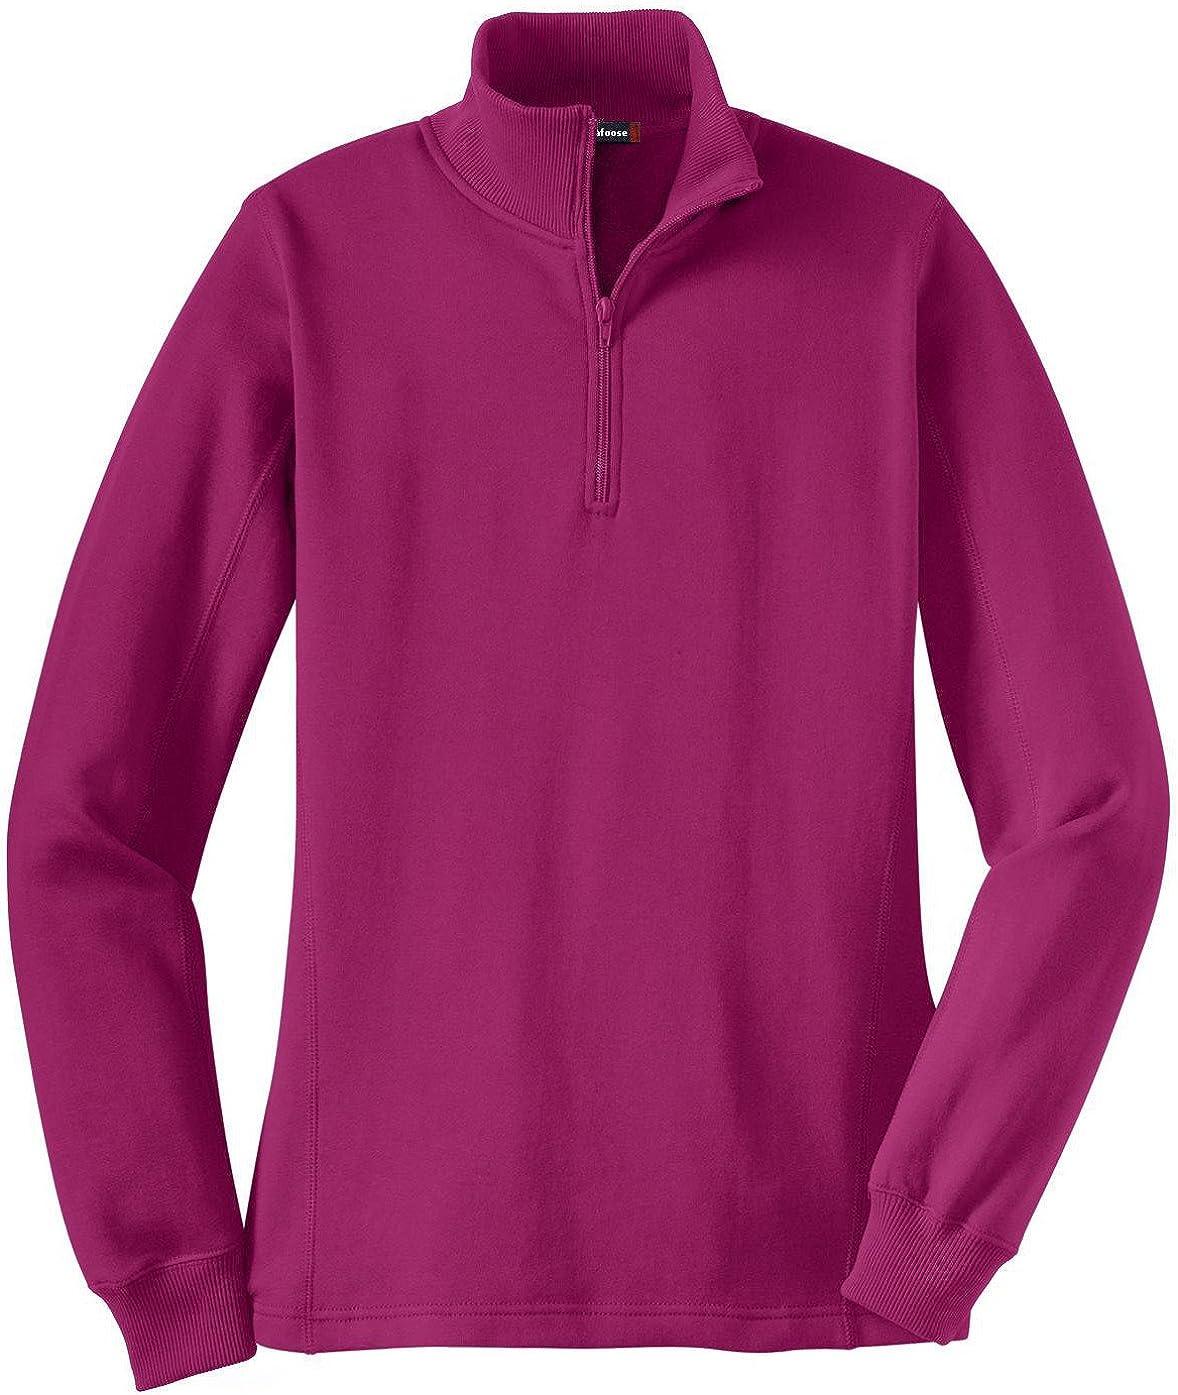 Mafoose Womens 1//4 Zip Sweatshirt